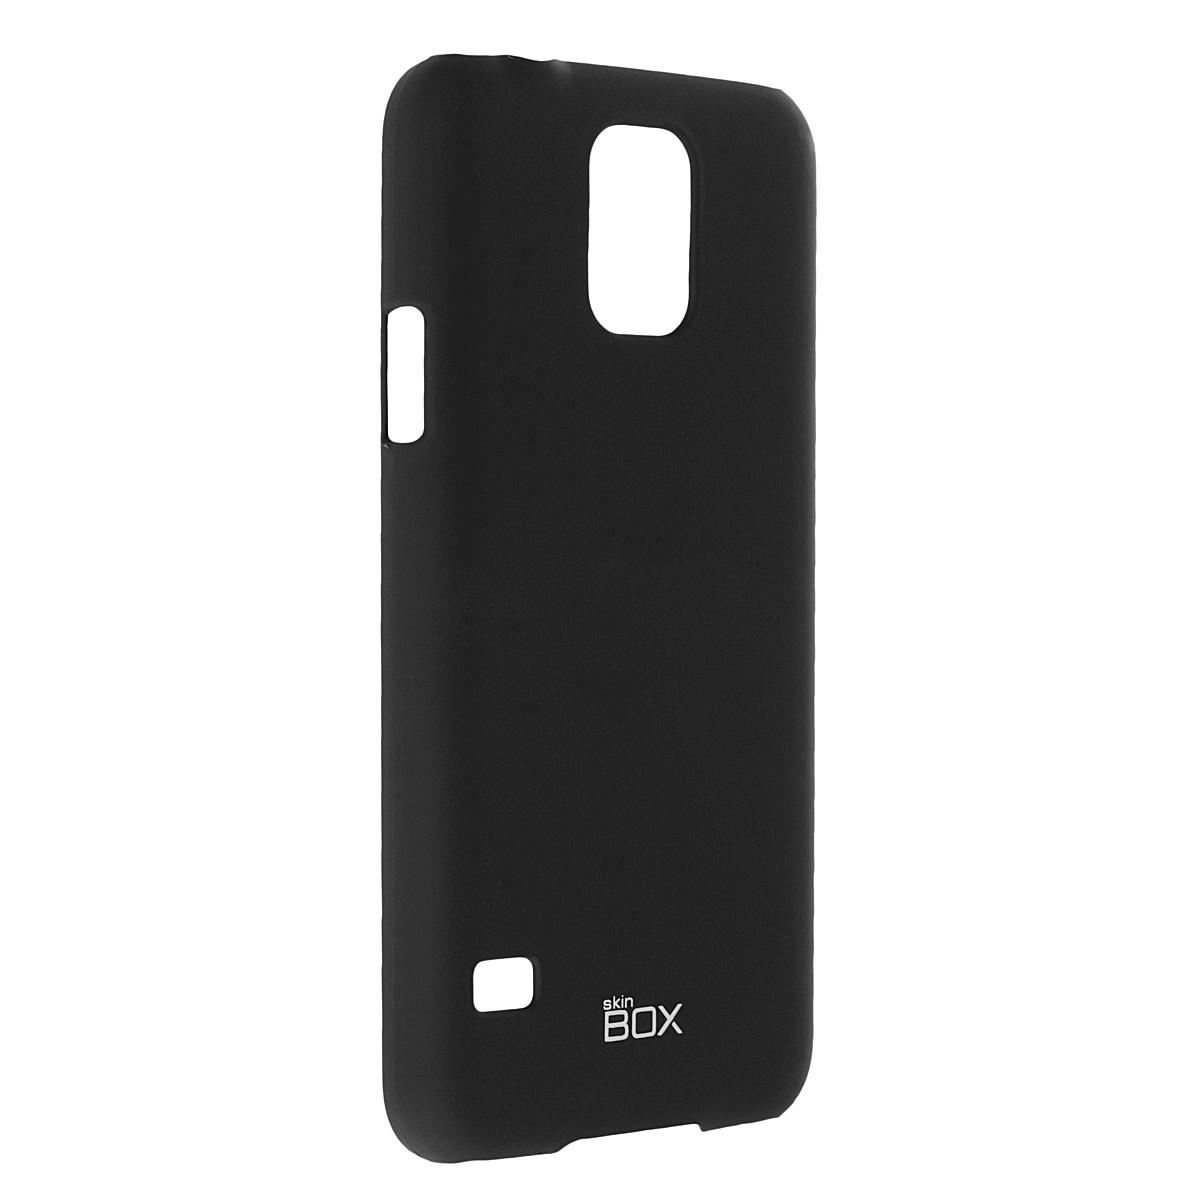 Skinbox Shield 4People чехол для Samsung Galaxy S5, BlackT-S-SGS5-002Чехол Skinbox Shield 4People для Alcatel One Touch Pop C5 предназначен для защиты корпуса смартфона от механических повреждений и царапин в процессе эксплуатации. Имеется свободный доступ ко всем разъемам и кнопкам устройства. В комплект также входит защитная пленка на экран телефона.